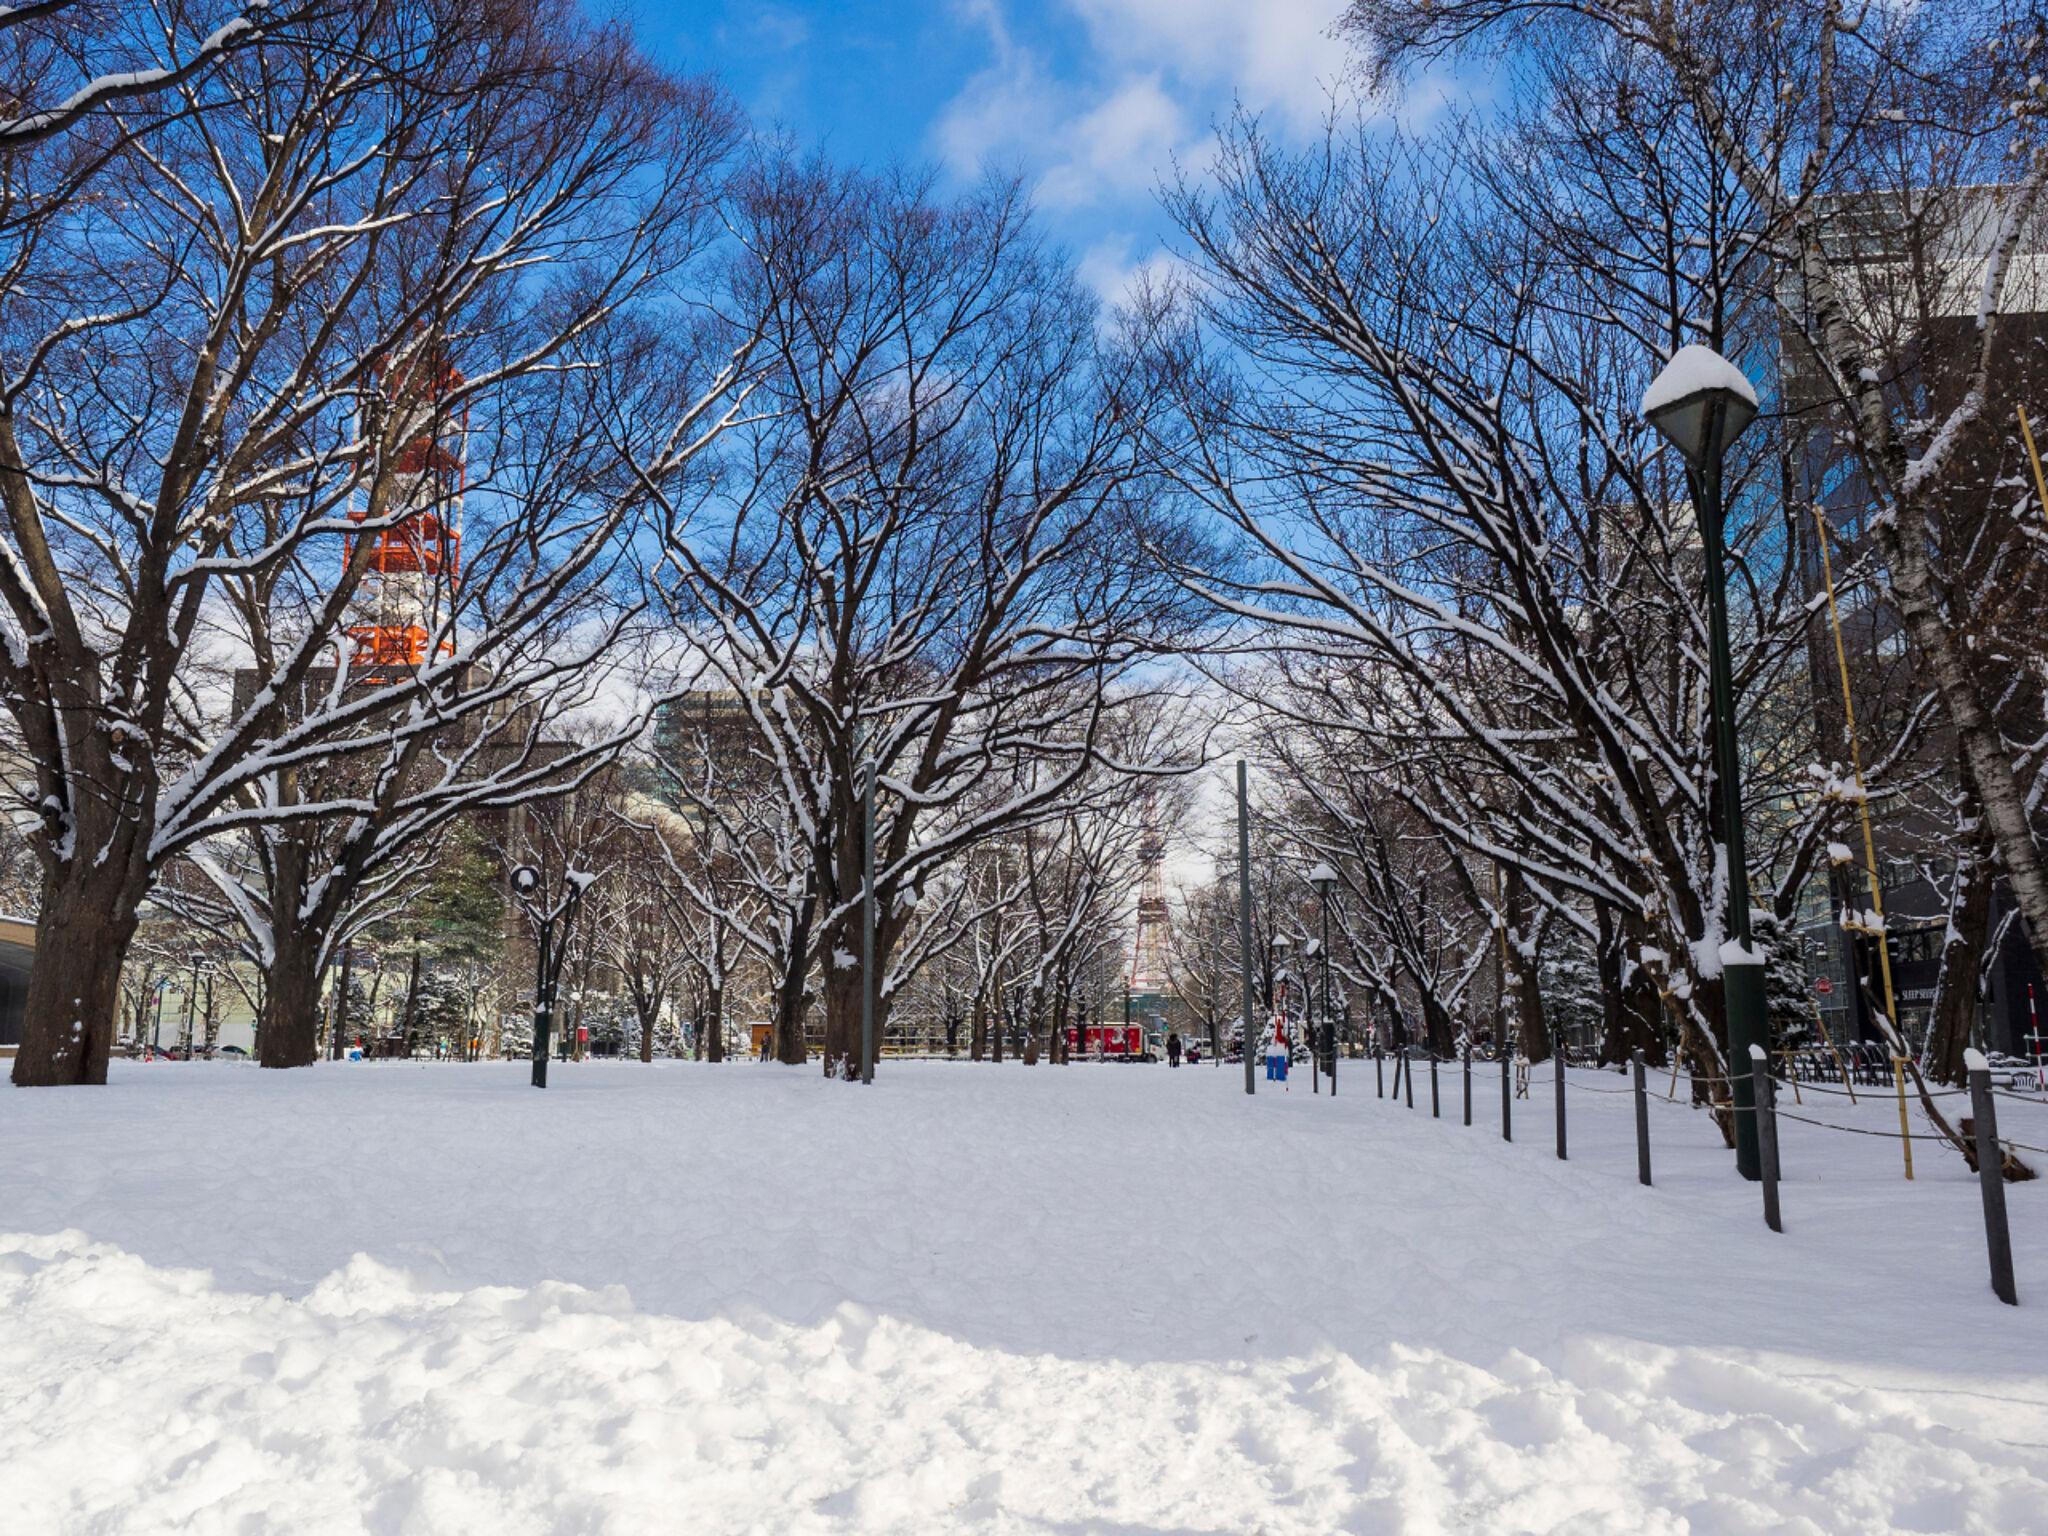 雪が積もった札幌市の街の画像